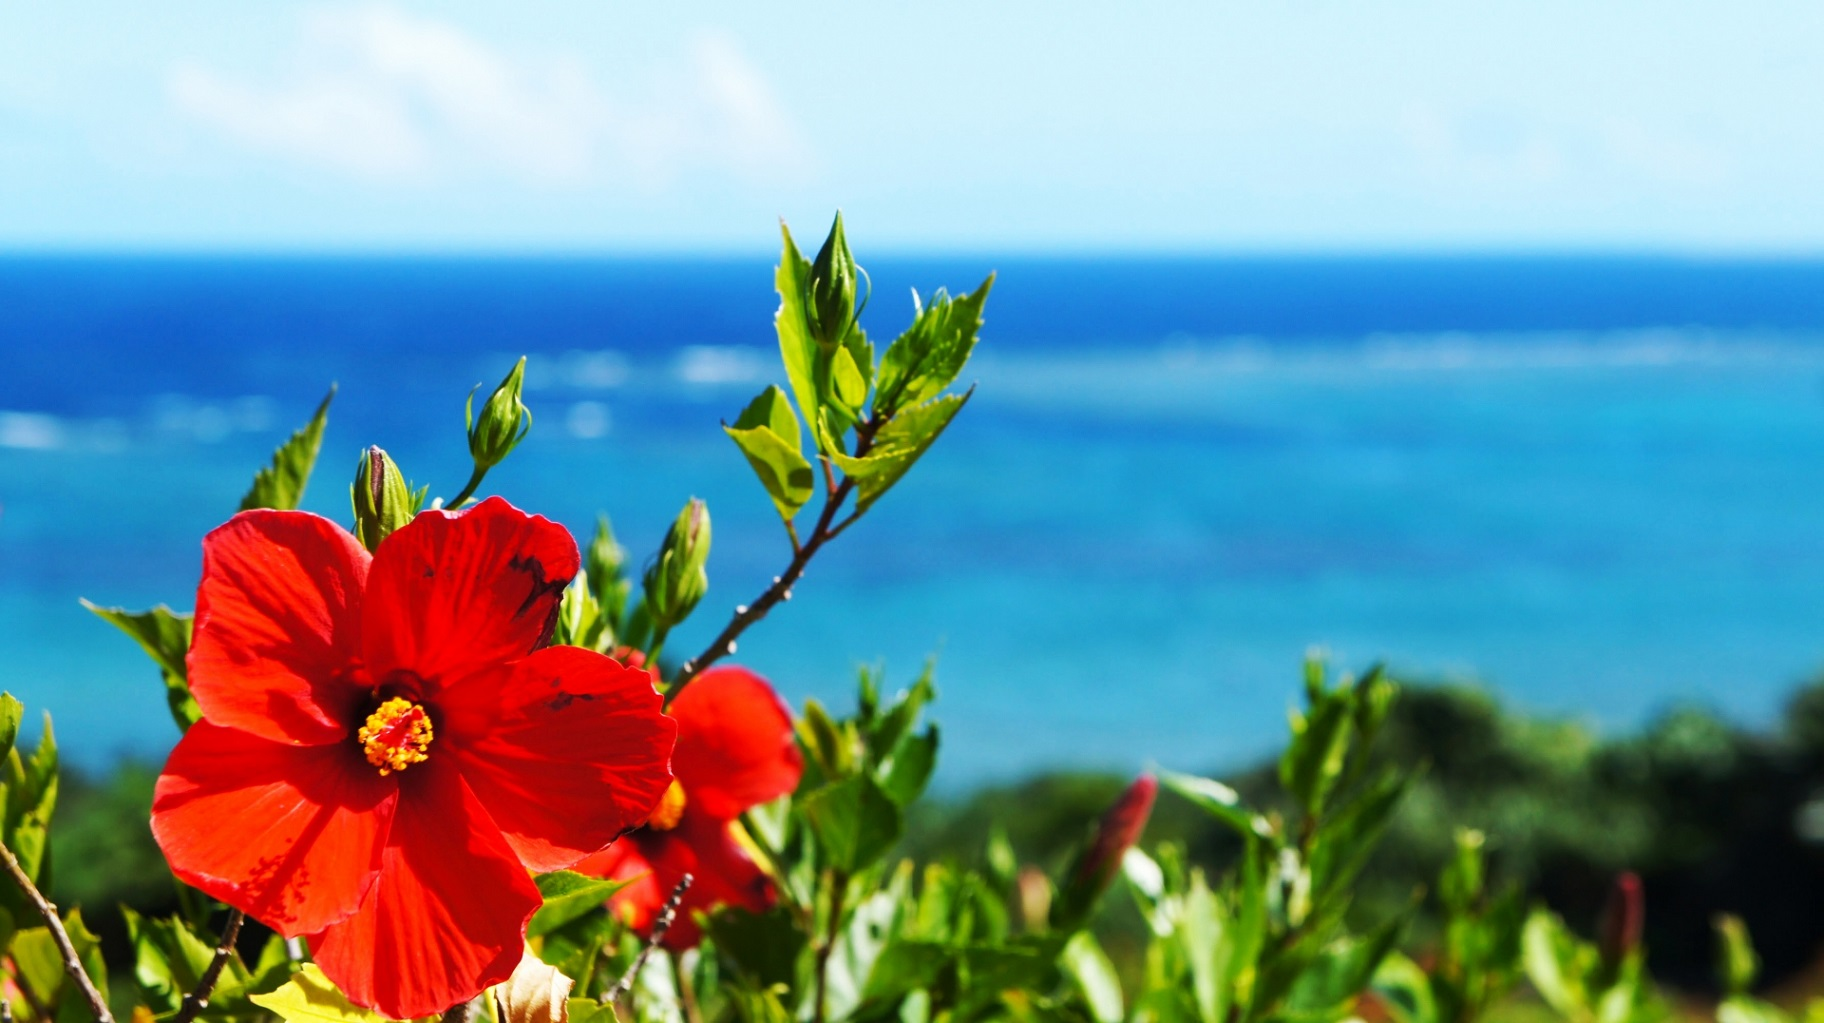 知念岬公園は沖縄の穴場!星空や初日の出の絶景スポットでおすすめ!